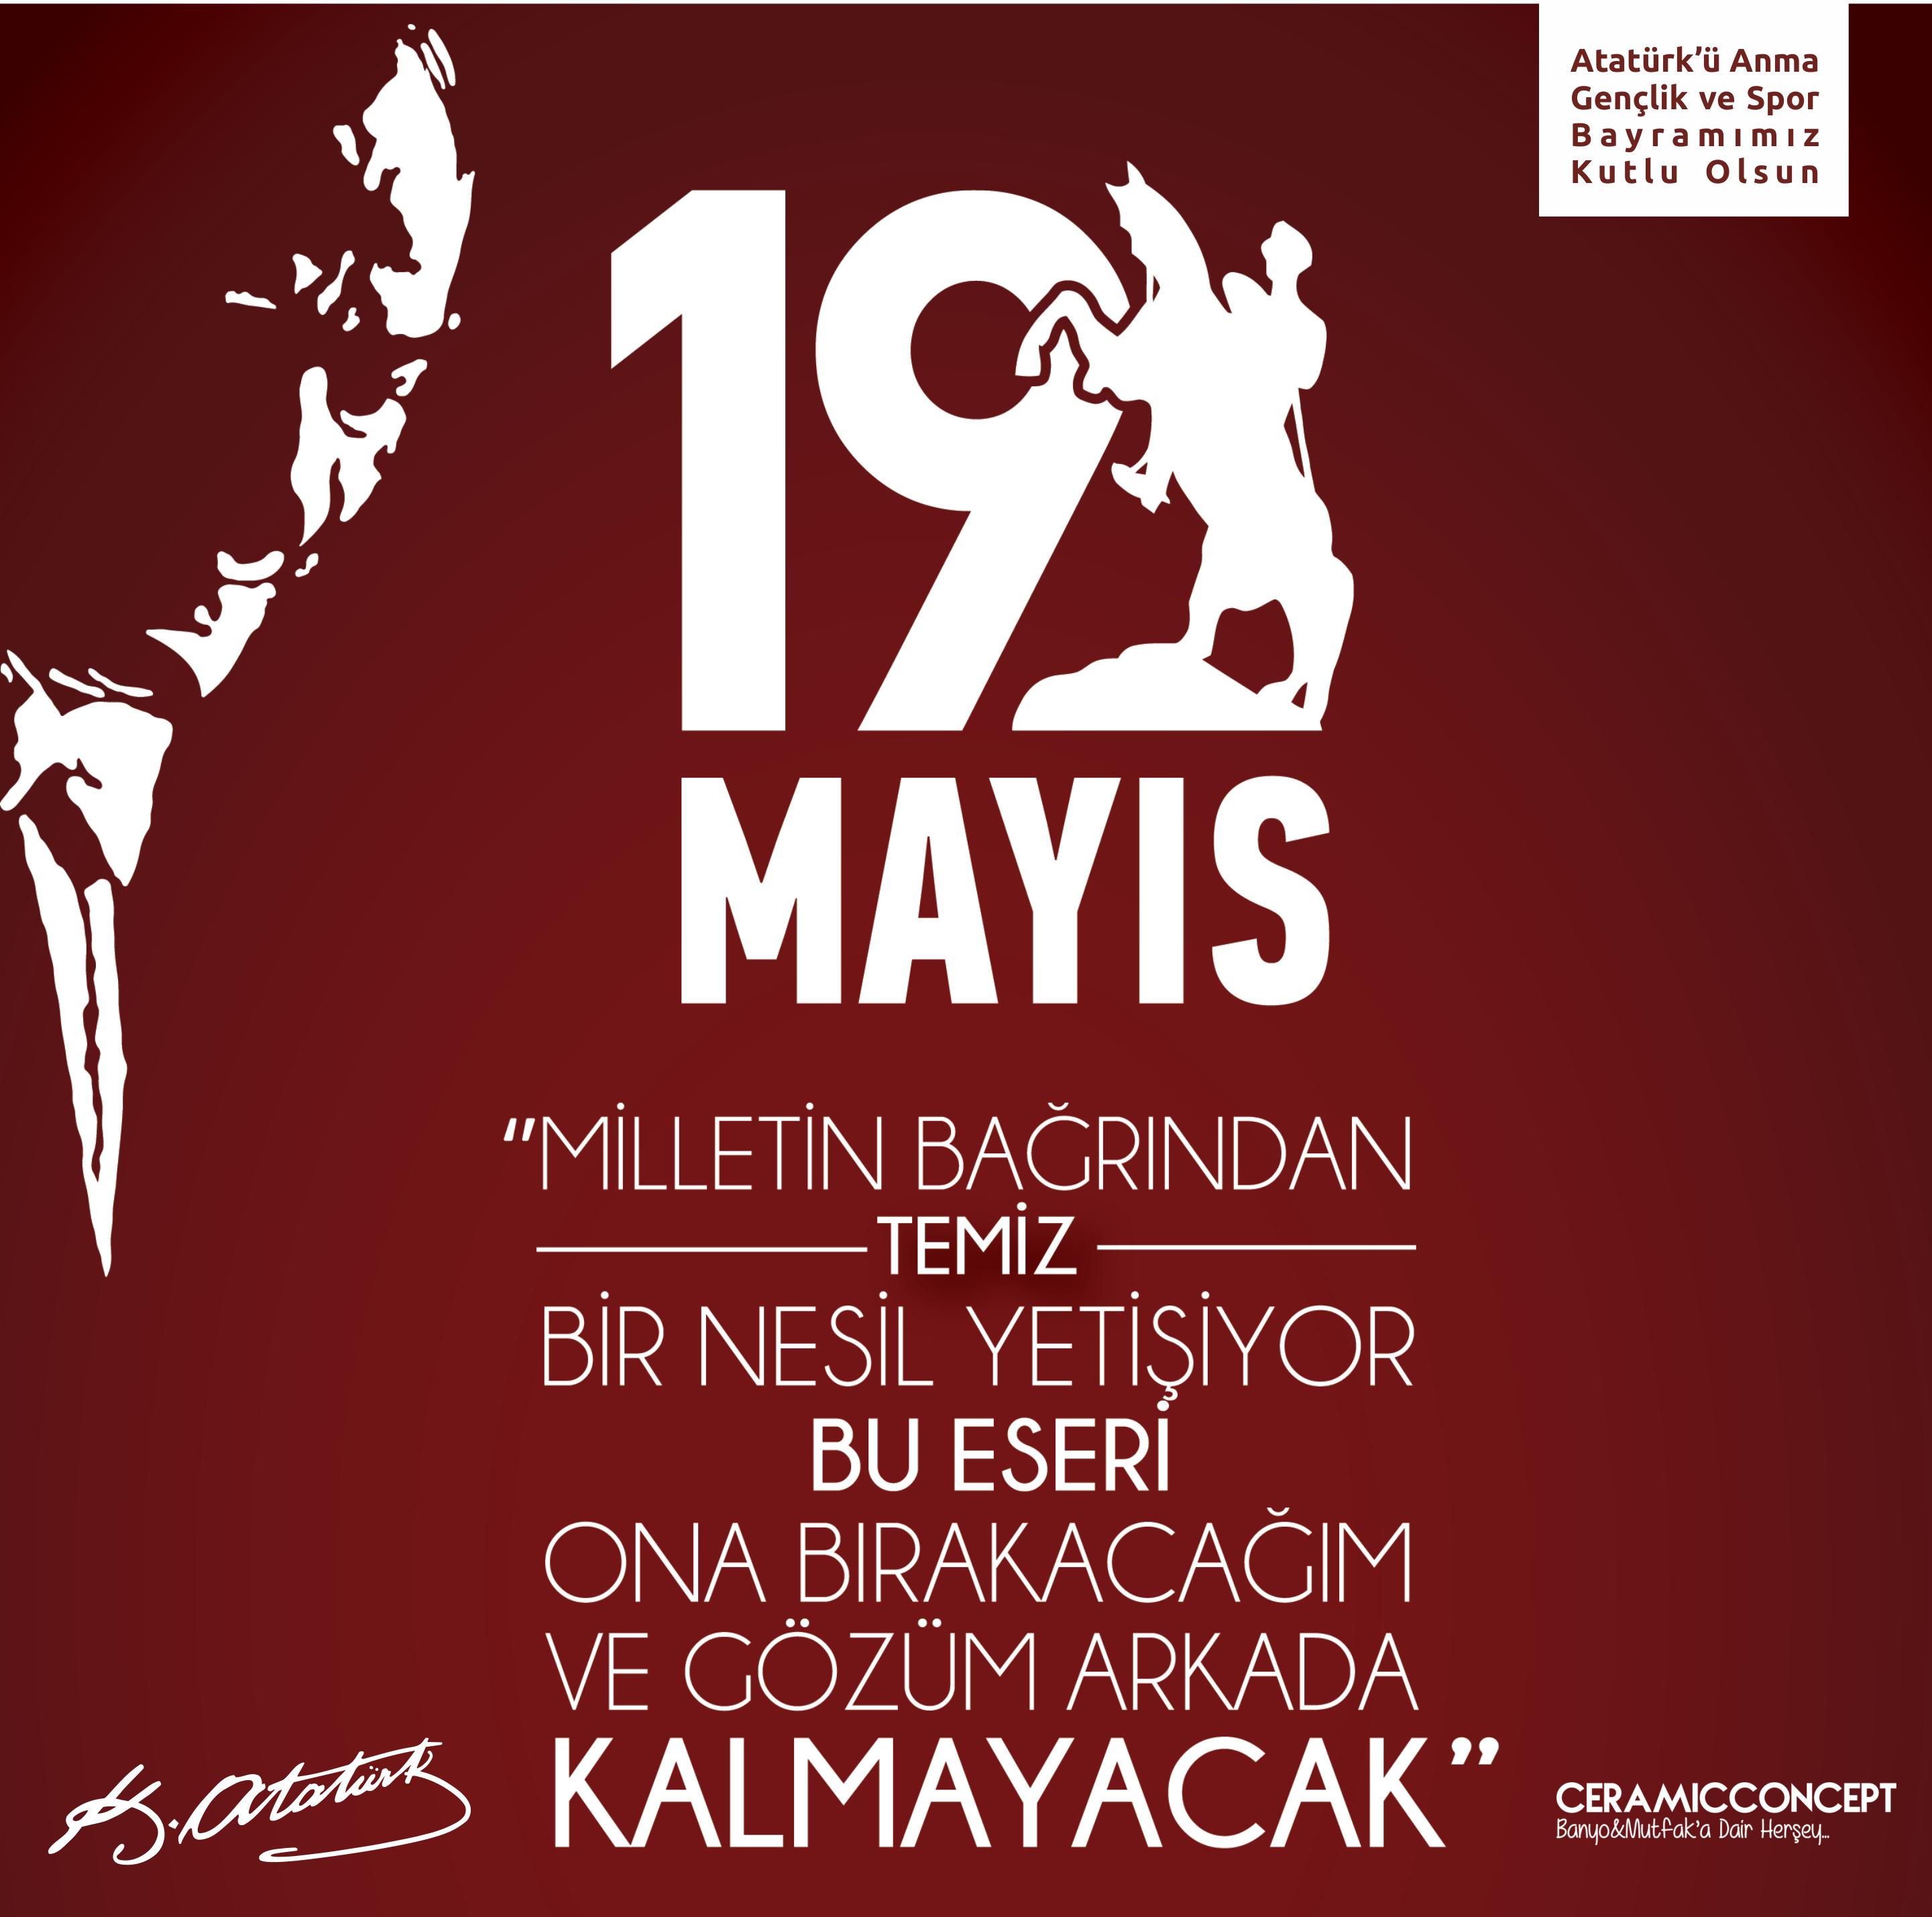 #19Mayıs1919 #GençlikBayramı #KutluOlsun #GururlaNiceYıllara